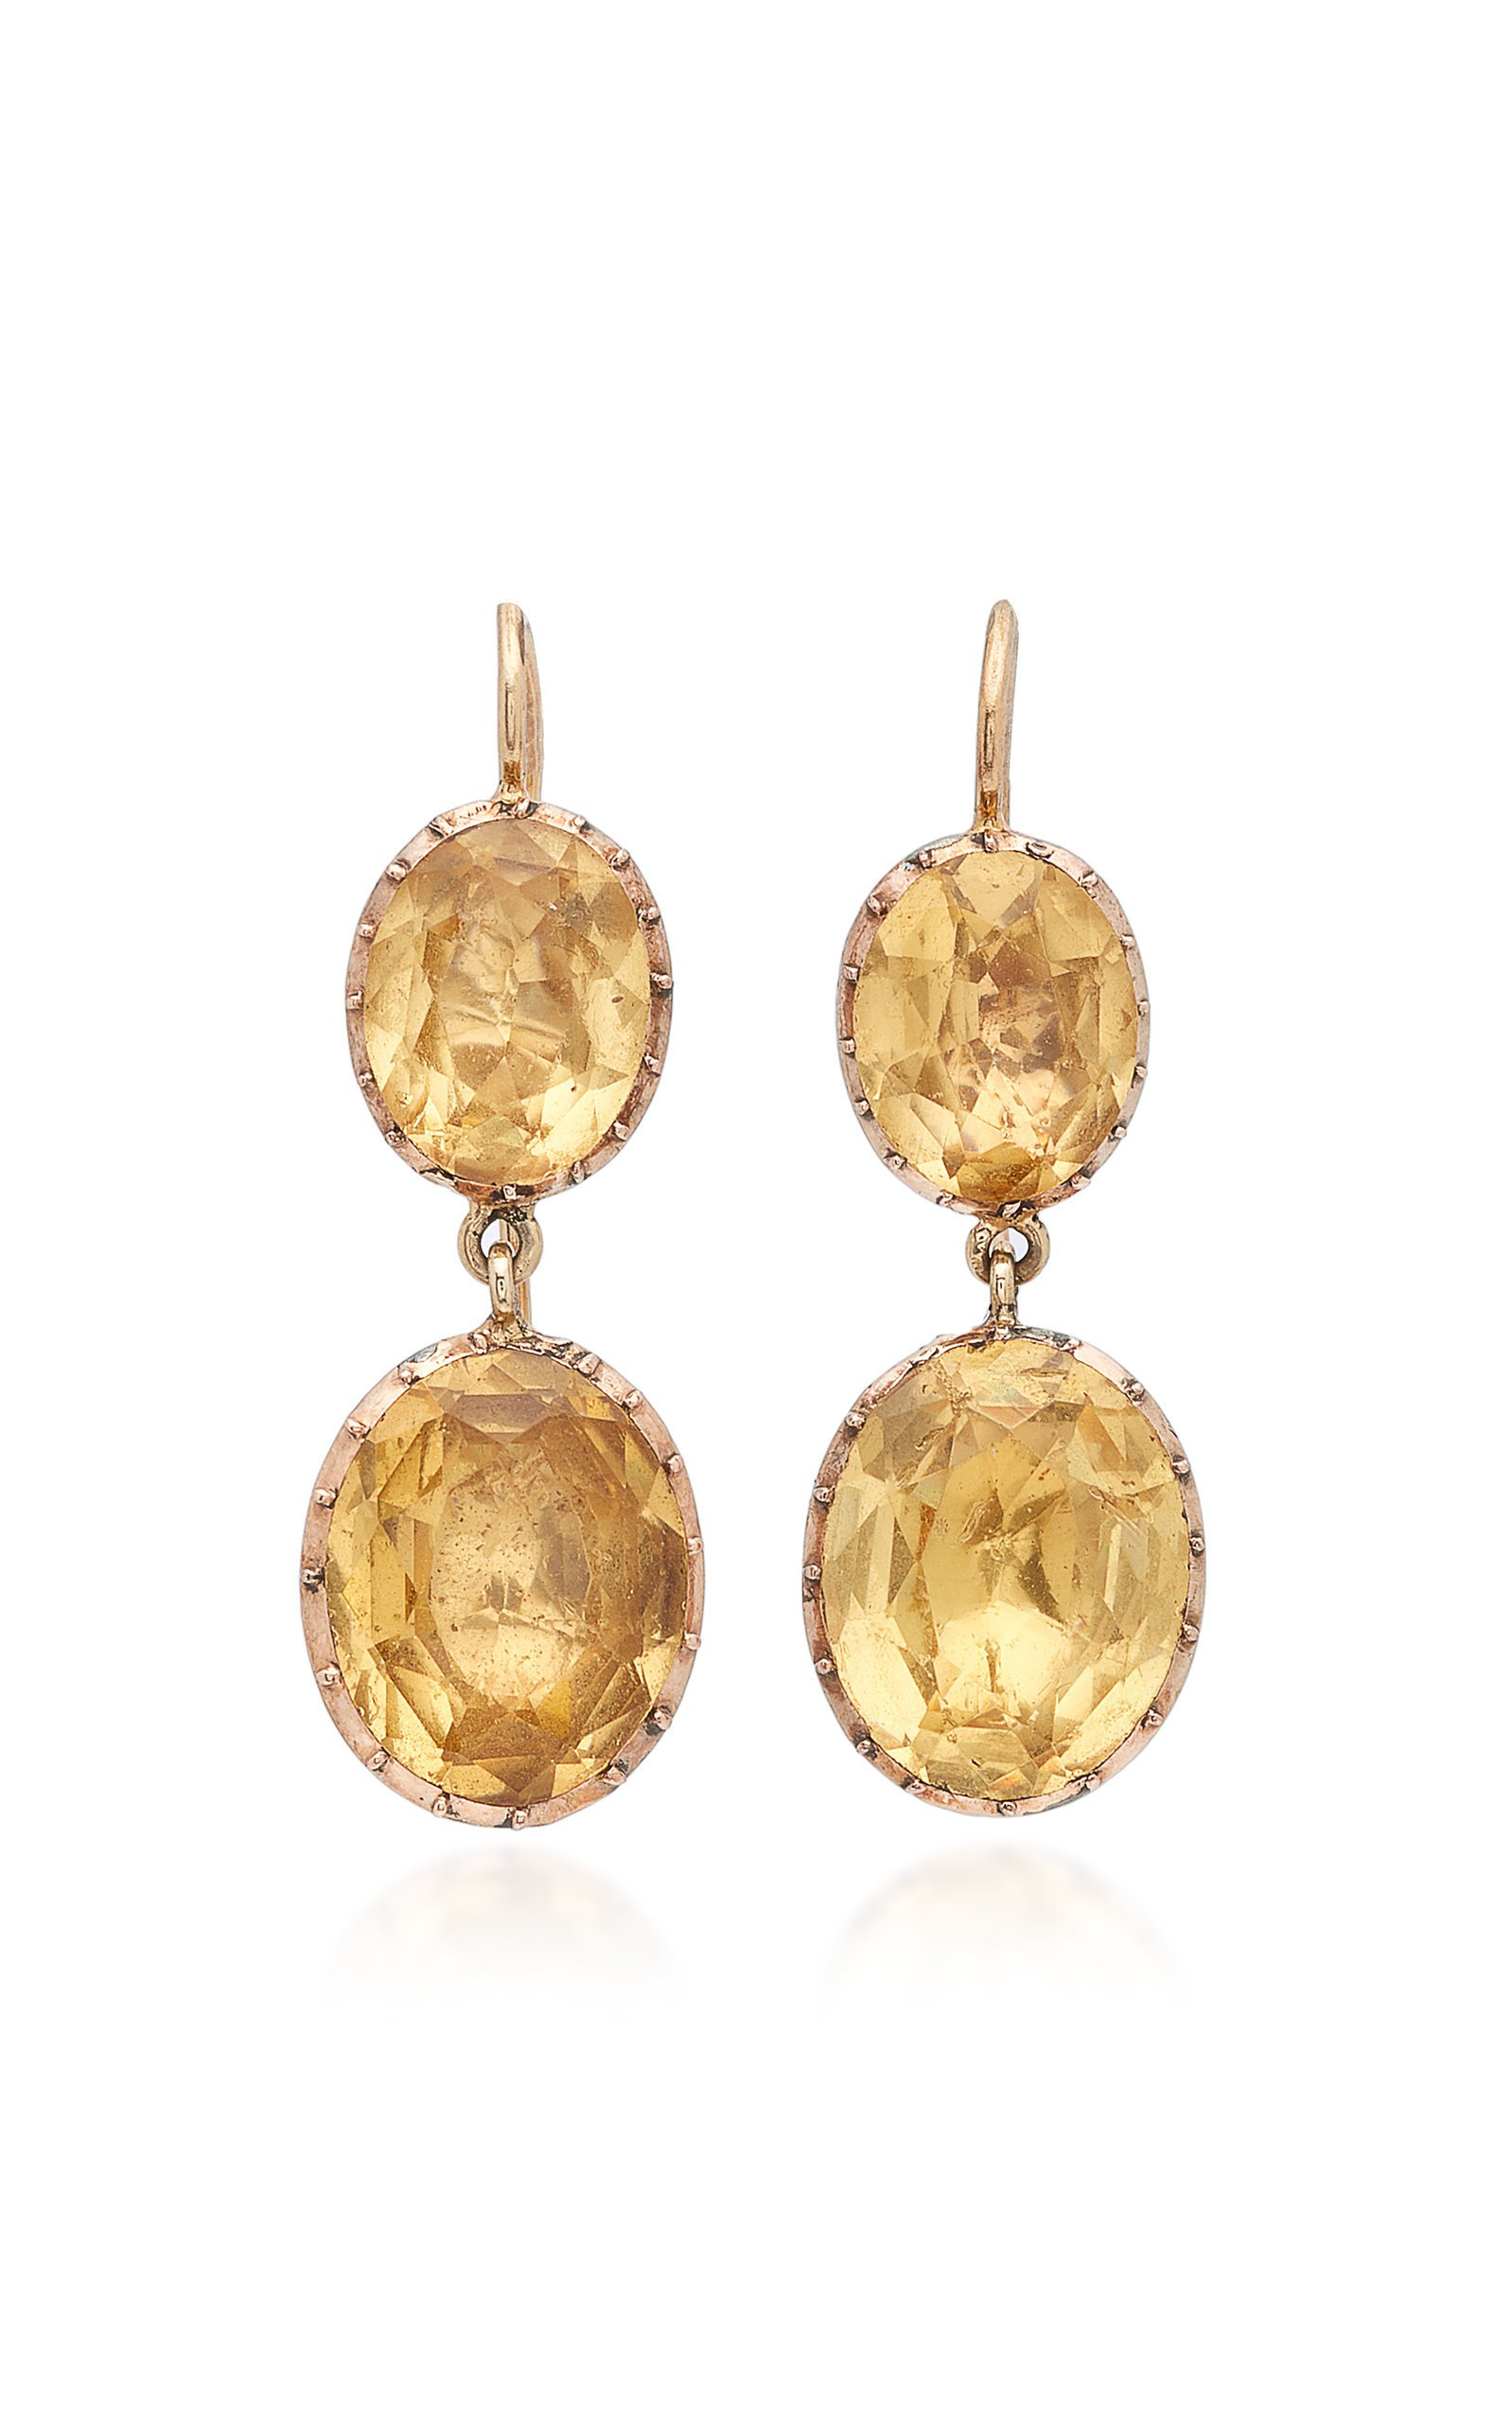 VELA 9K Gold Citrine-Glass Earrings